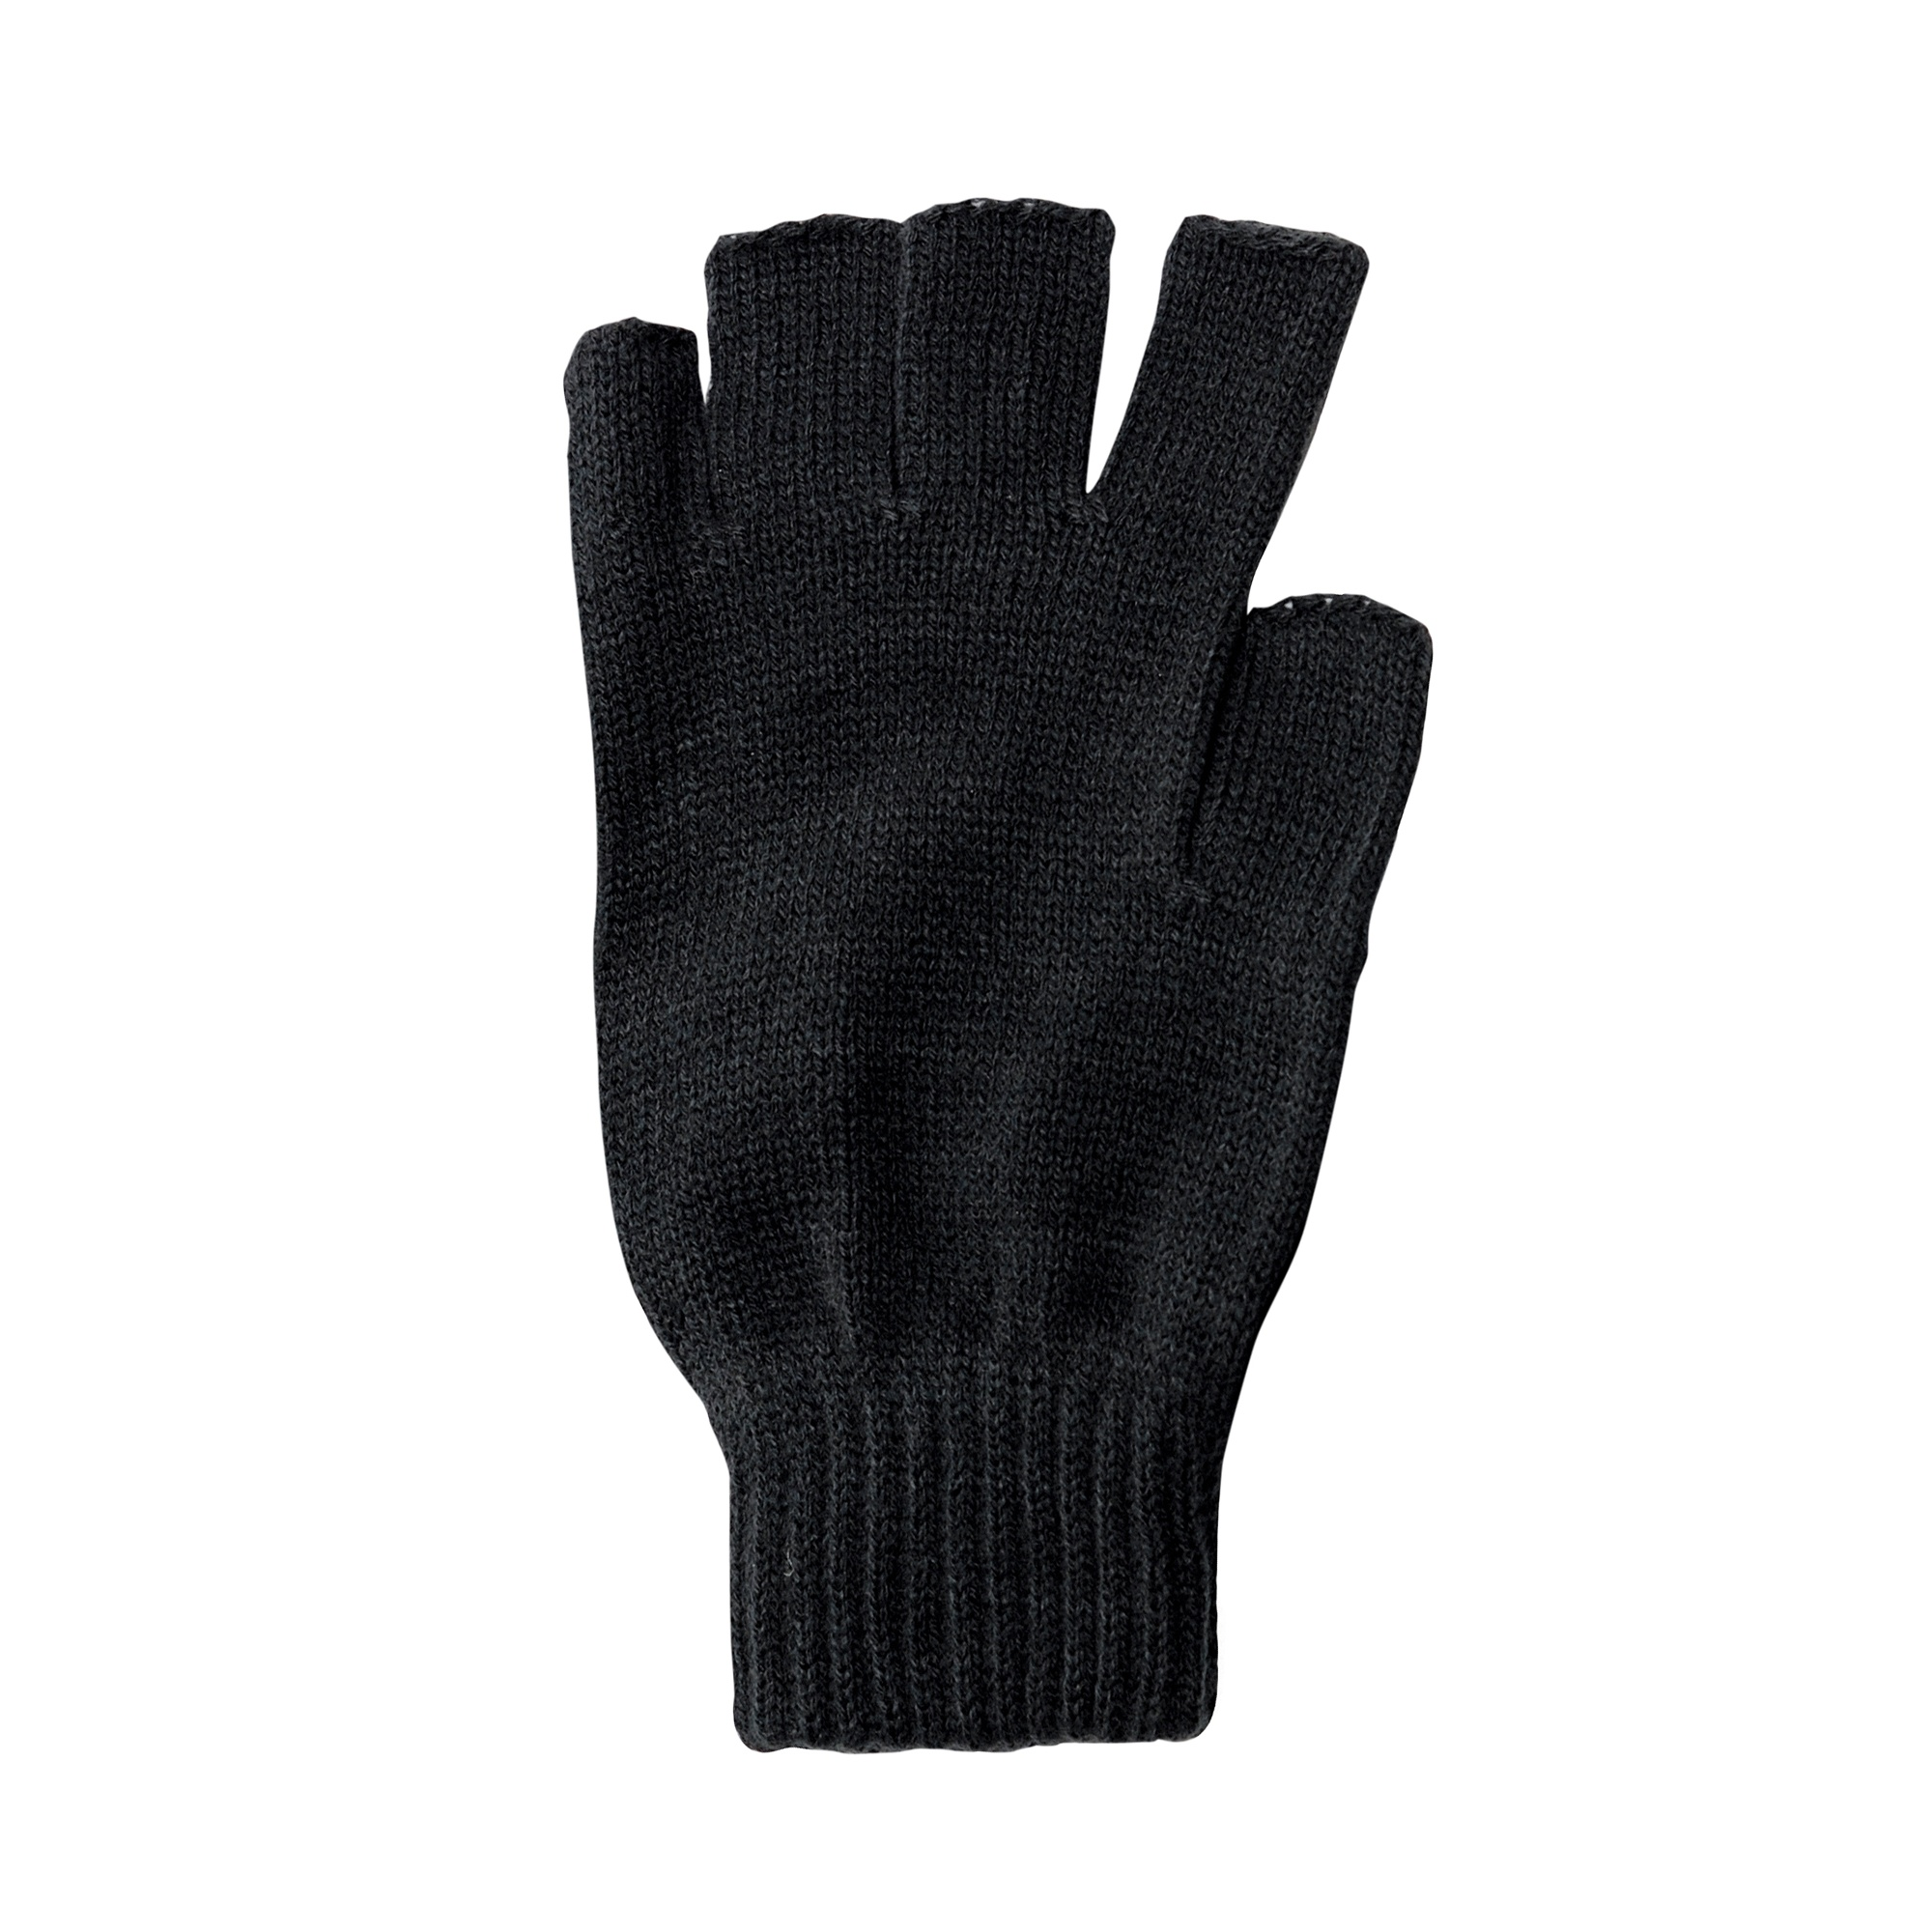 Regatta-Unisex-Fingerless-Mitts-Gloves-RW1249 thumbnail 7